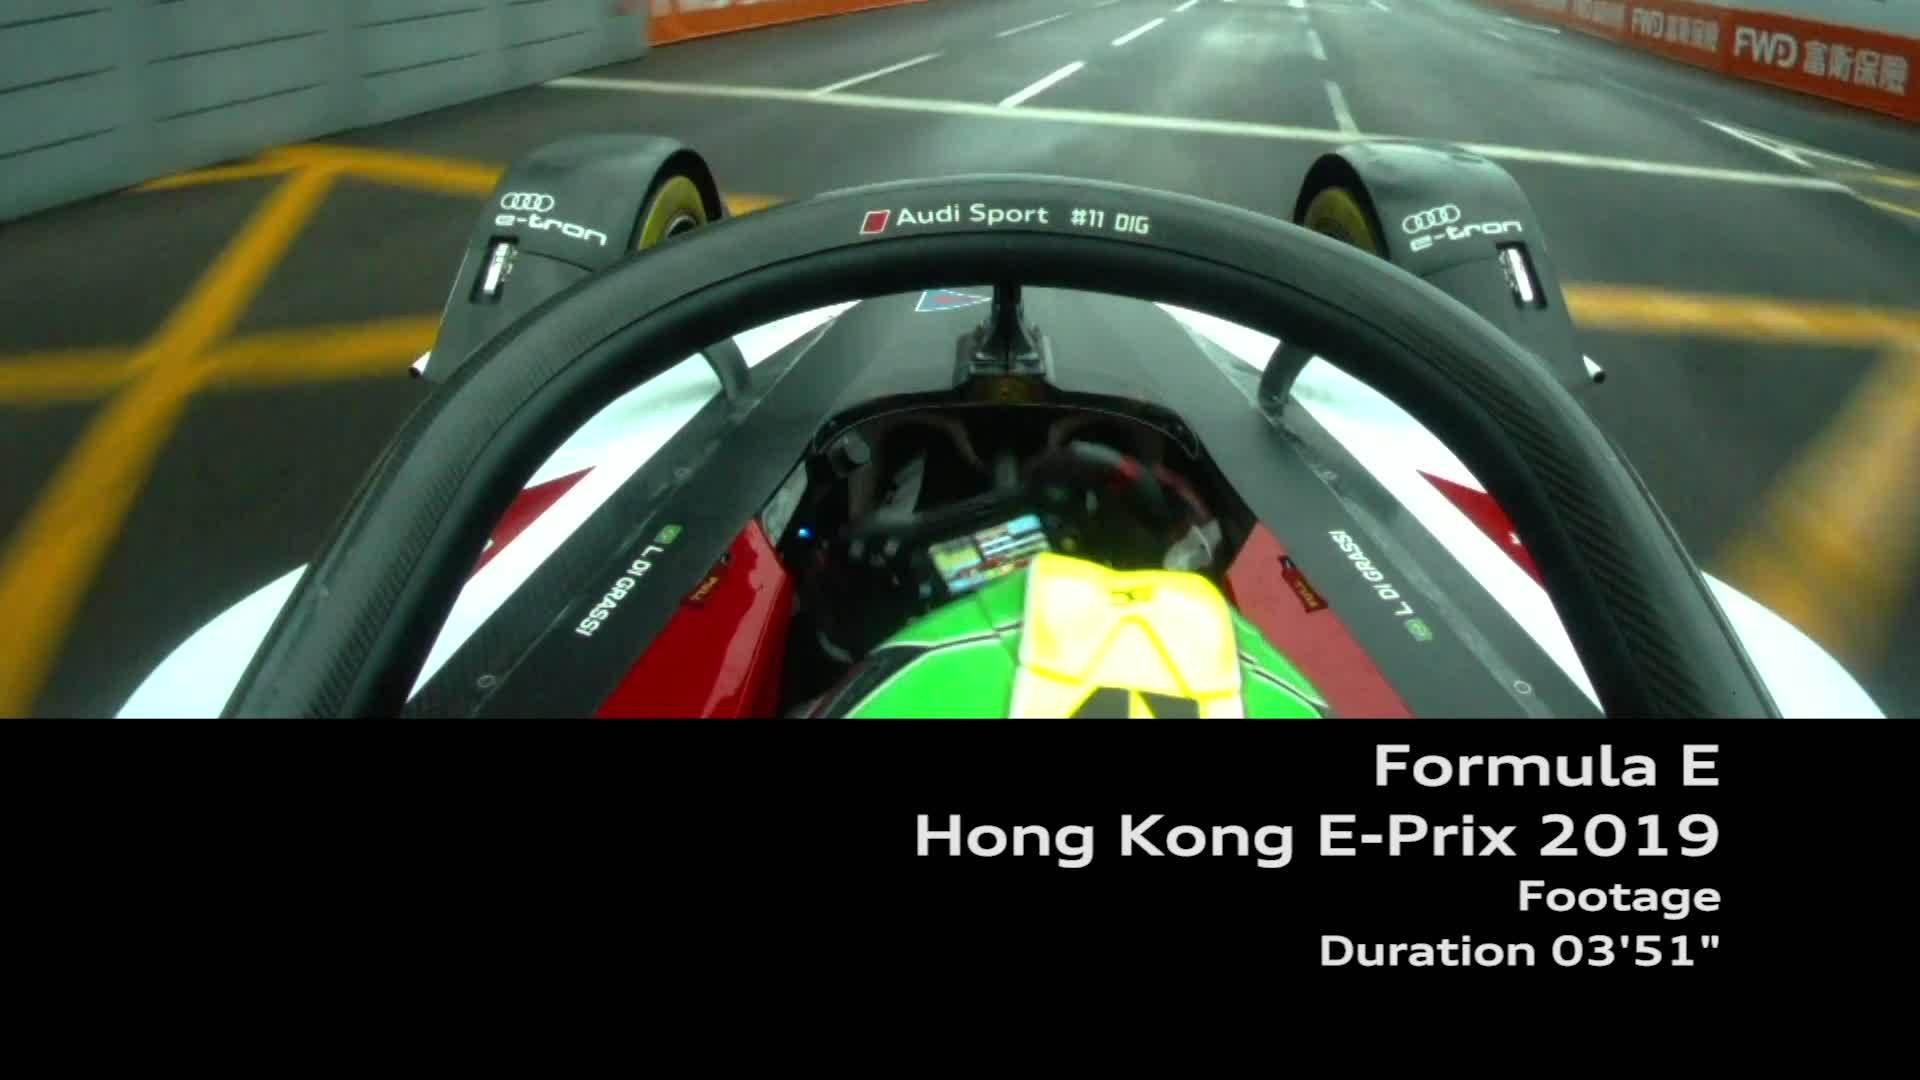 Footage Formel E Hongkong E-Prix 2019